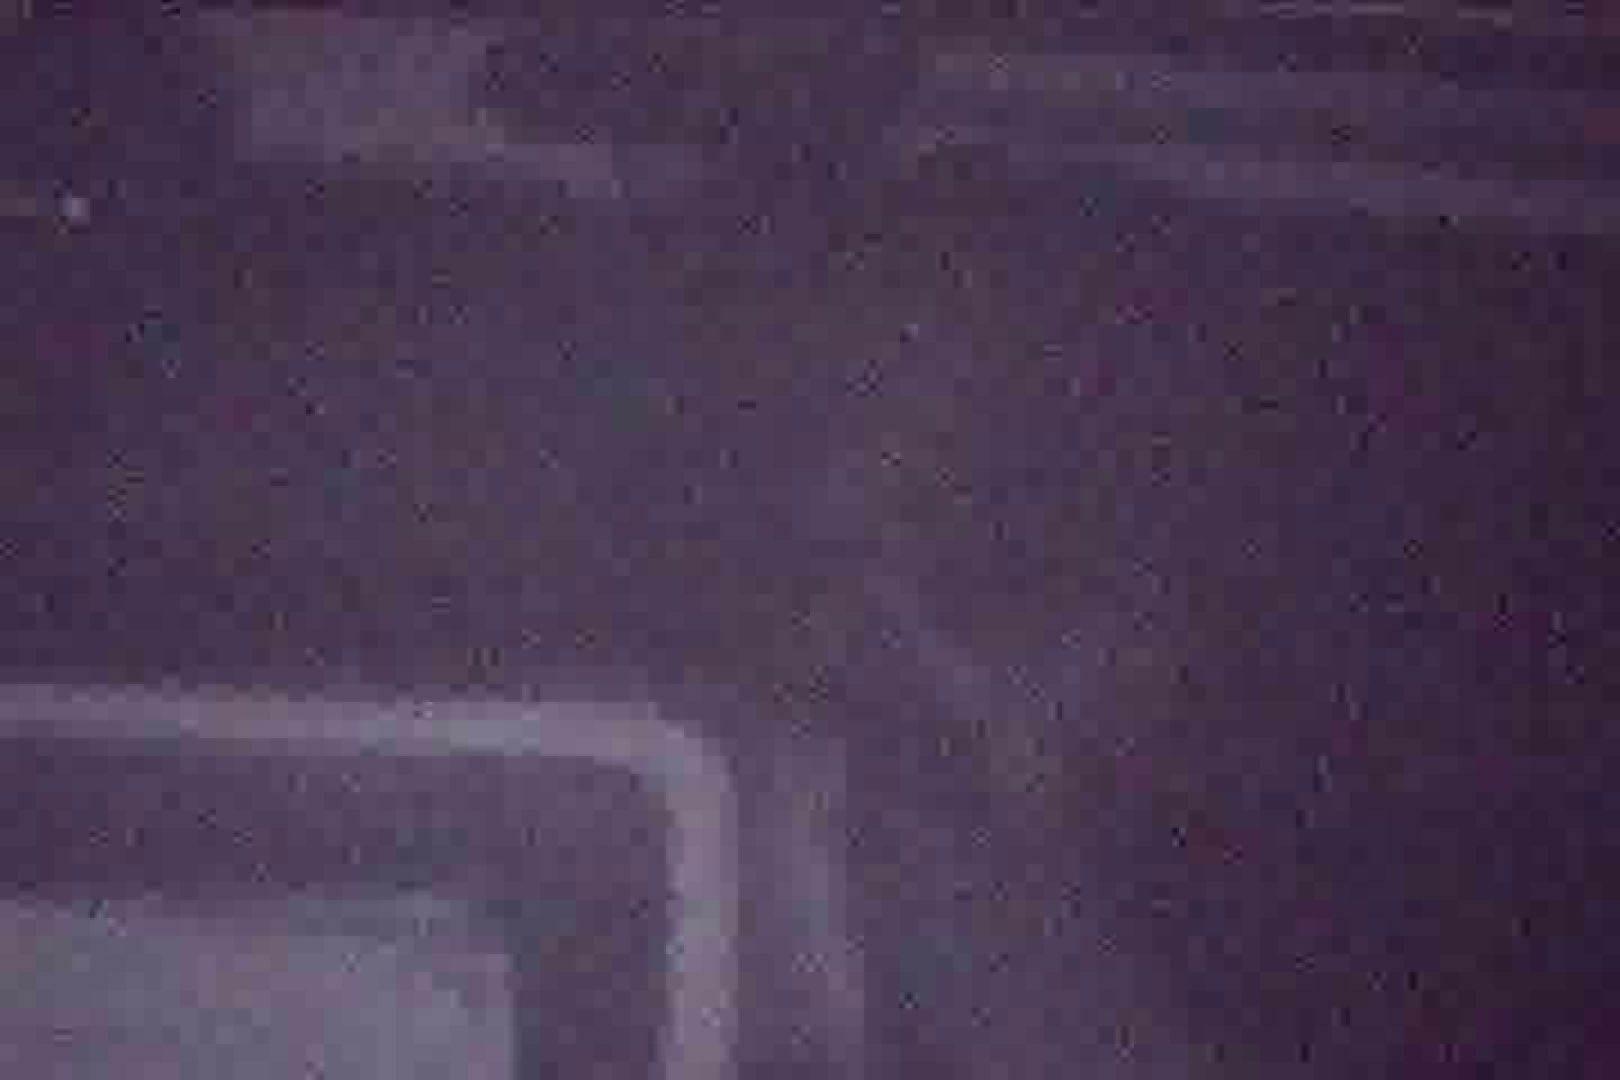 充血監督の深夜の運動会Vol.115 OLエロ画像  77PICs 44